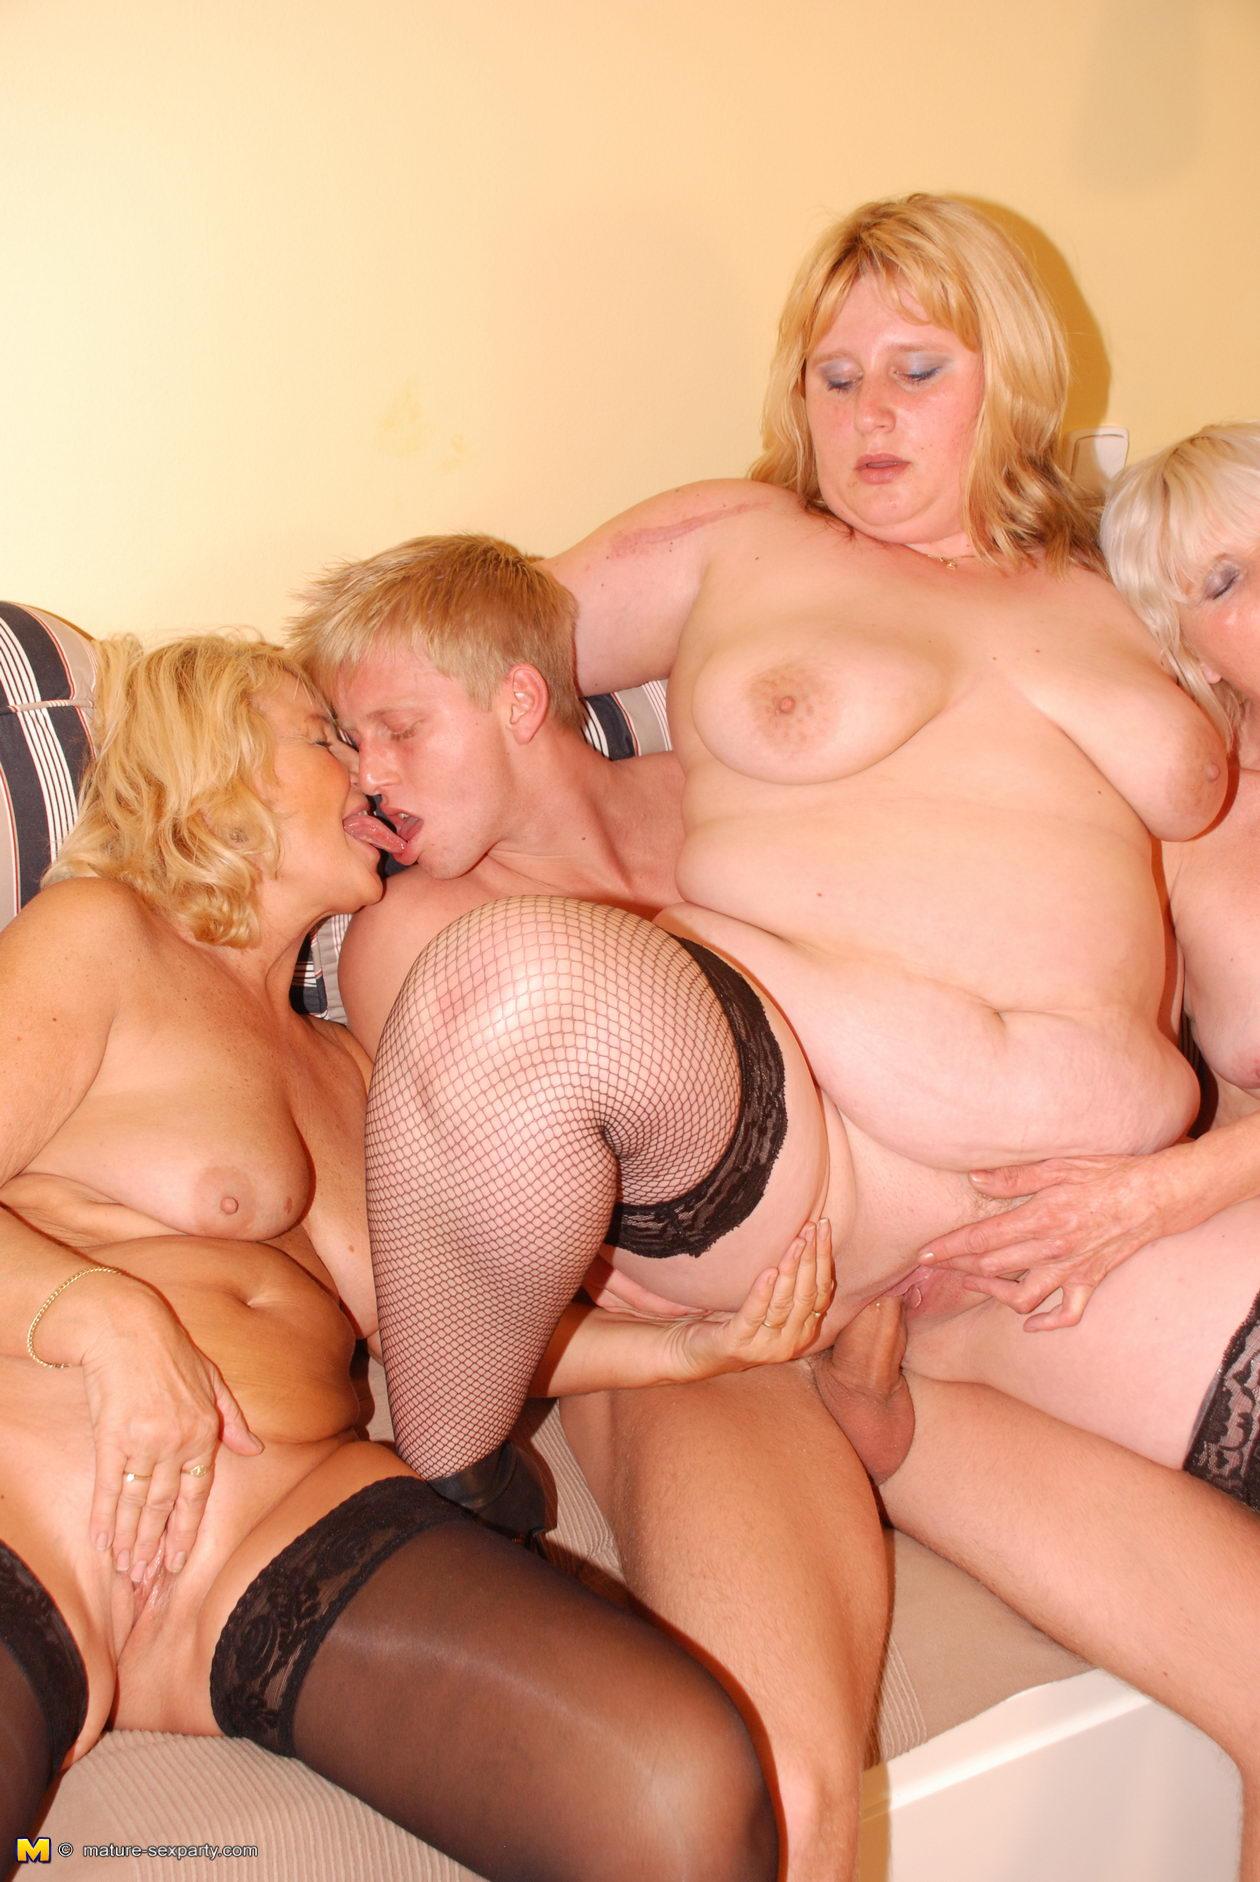 Моему мнению секс старых толстых женщин